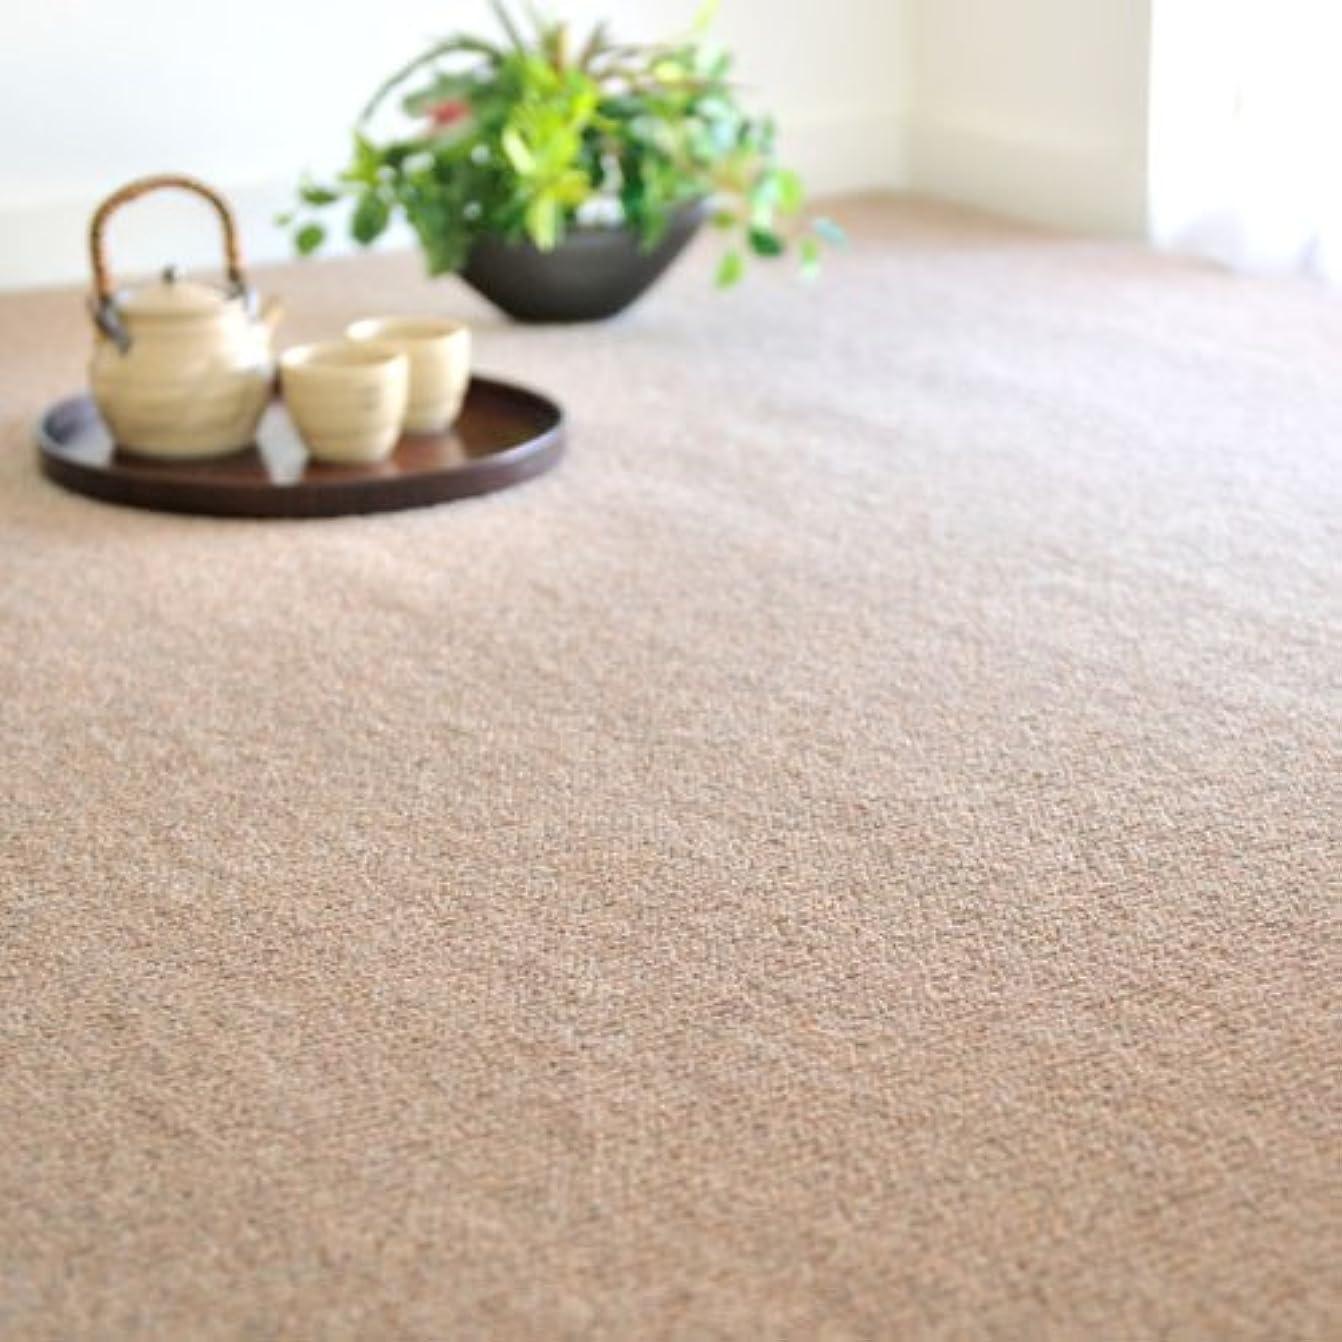 単にプレビスサイト大胆なカーペット 6畳 なかね家具 ウール100% 天然素材 防ダニ 抗菌 防炎 6畳(261x352) ブラウン 055gra